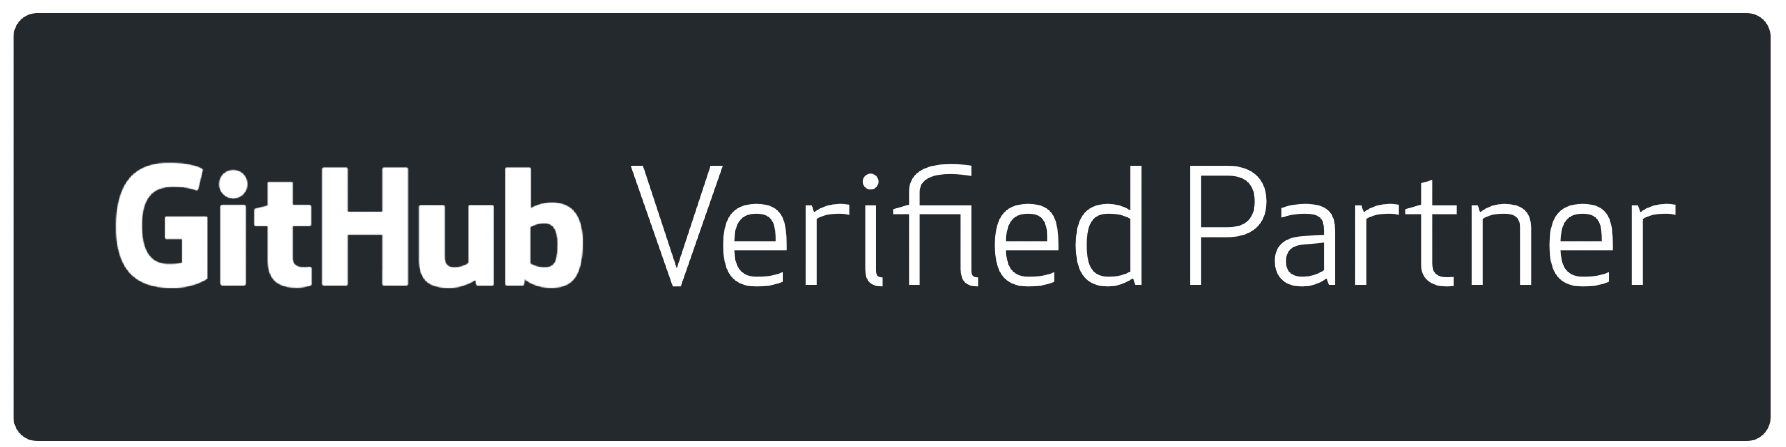 Github verified partner